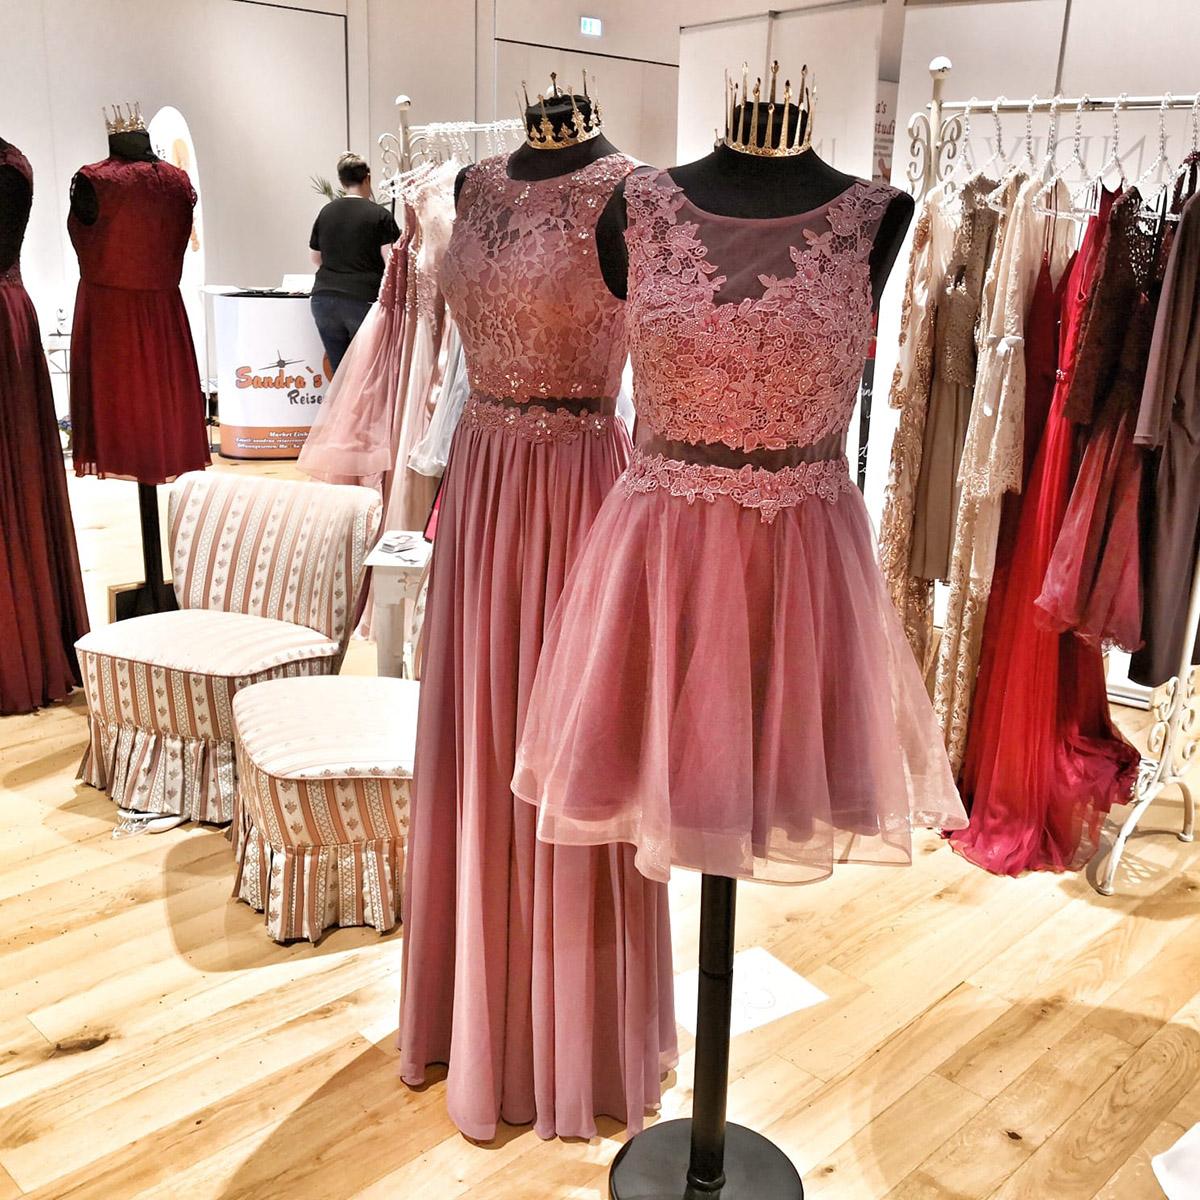 Kaufhaus Schrill mit Hochzeitskleidern auf der Hochzeitsmesse in Hallstadt